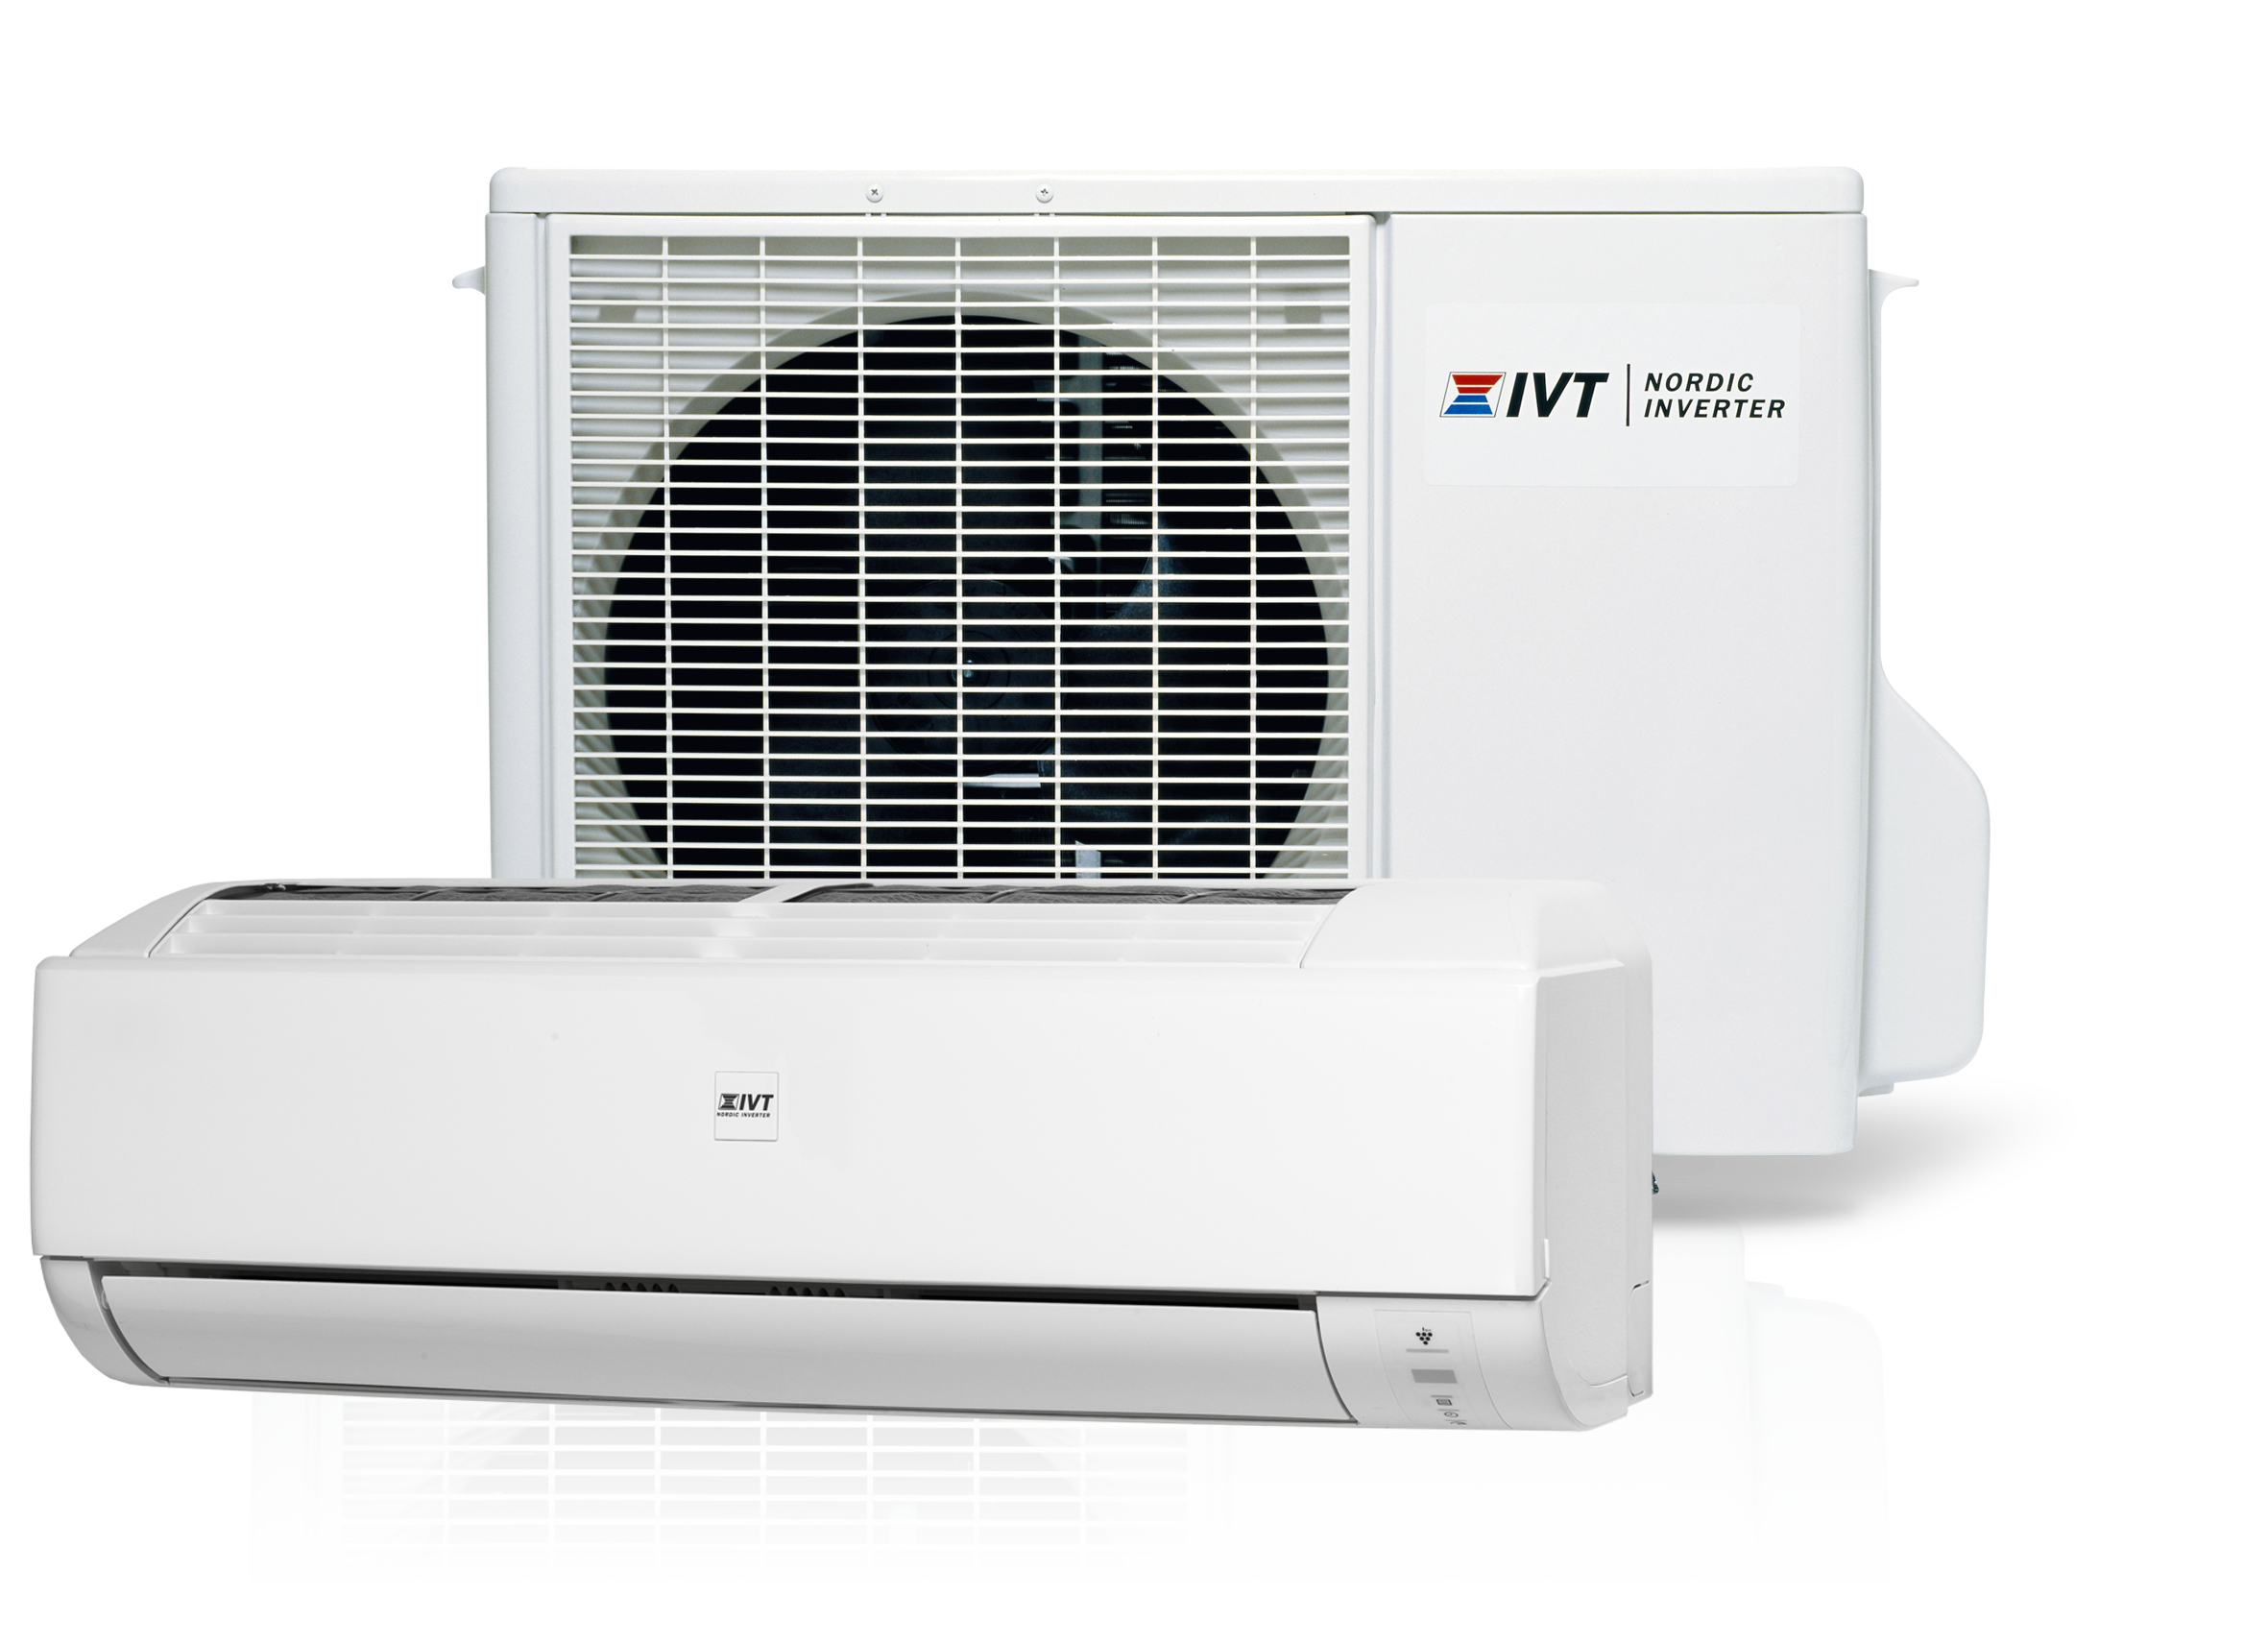 IVT-nordic-inverter.png